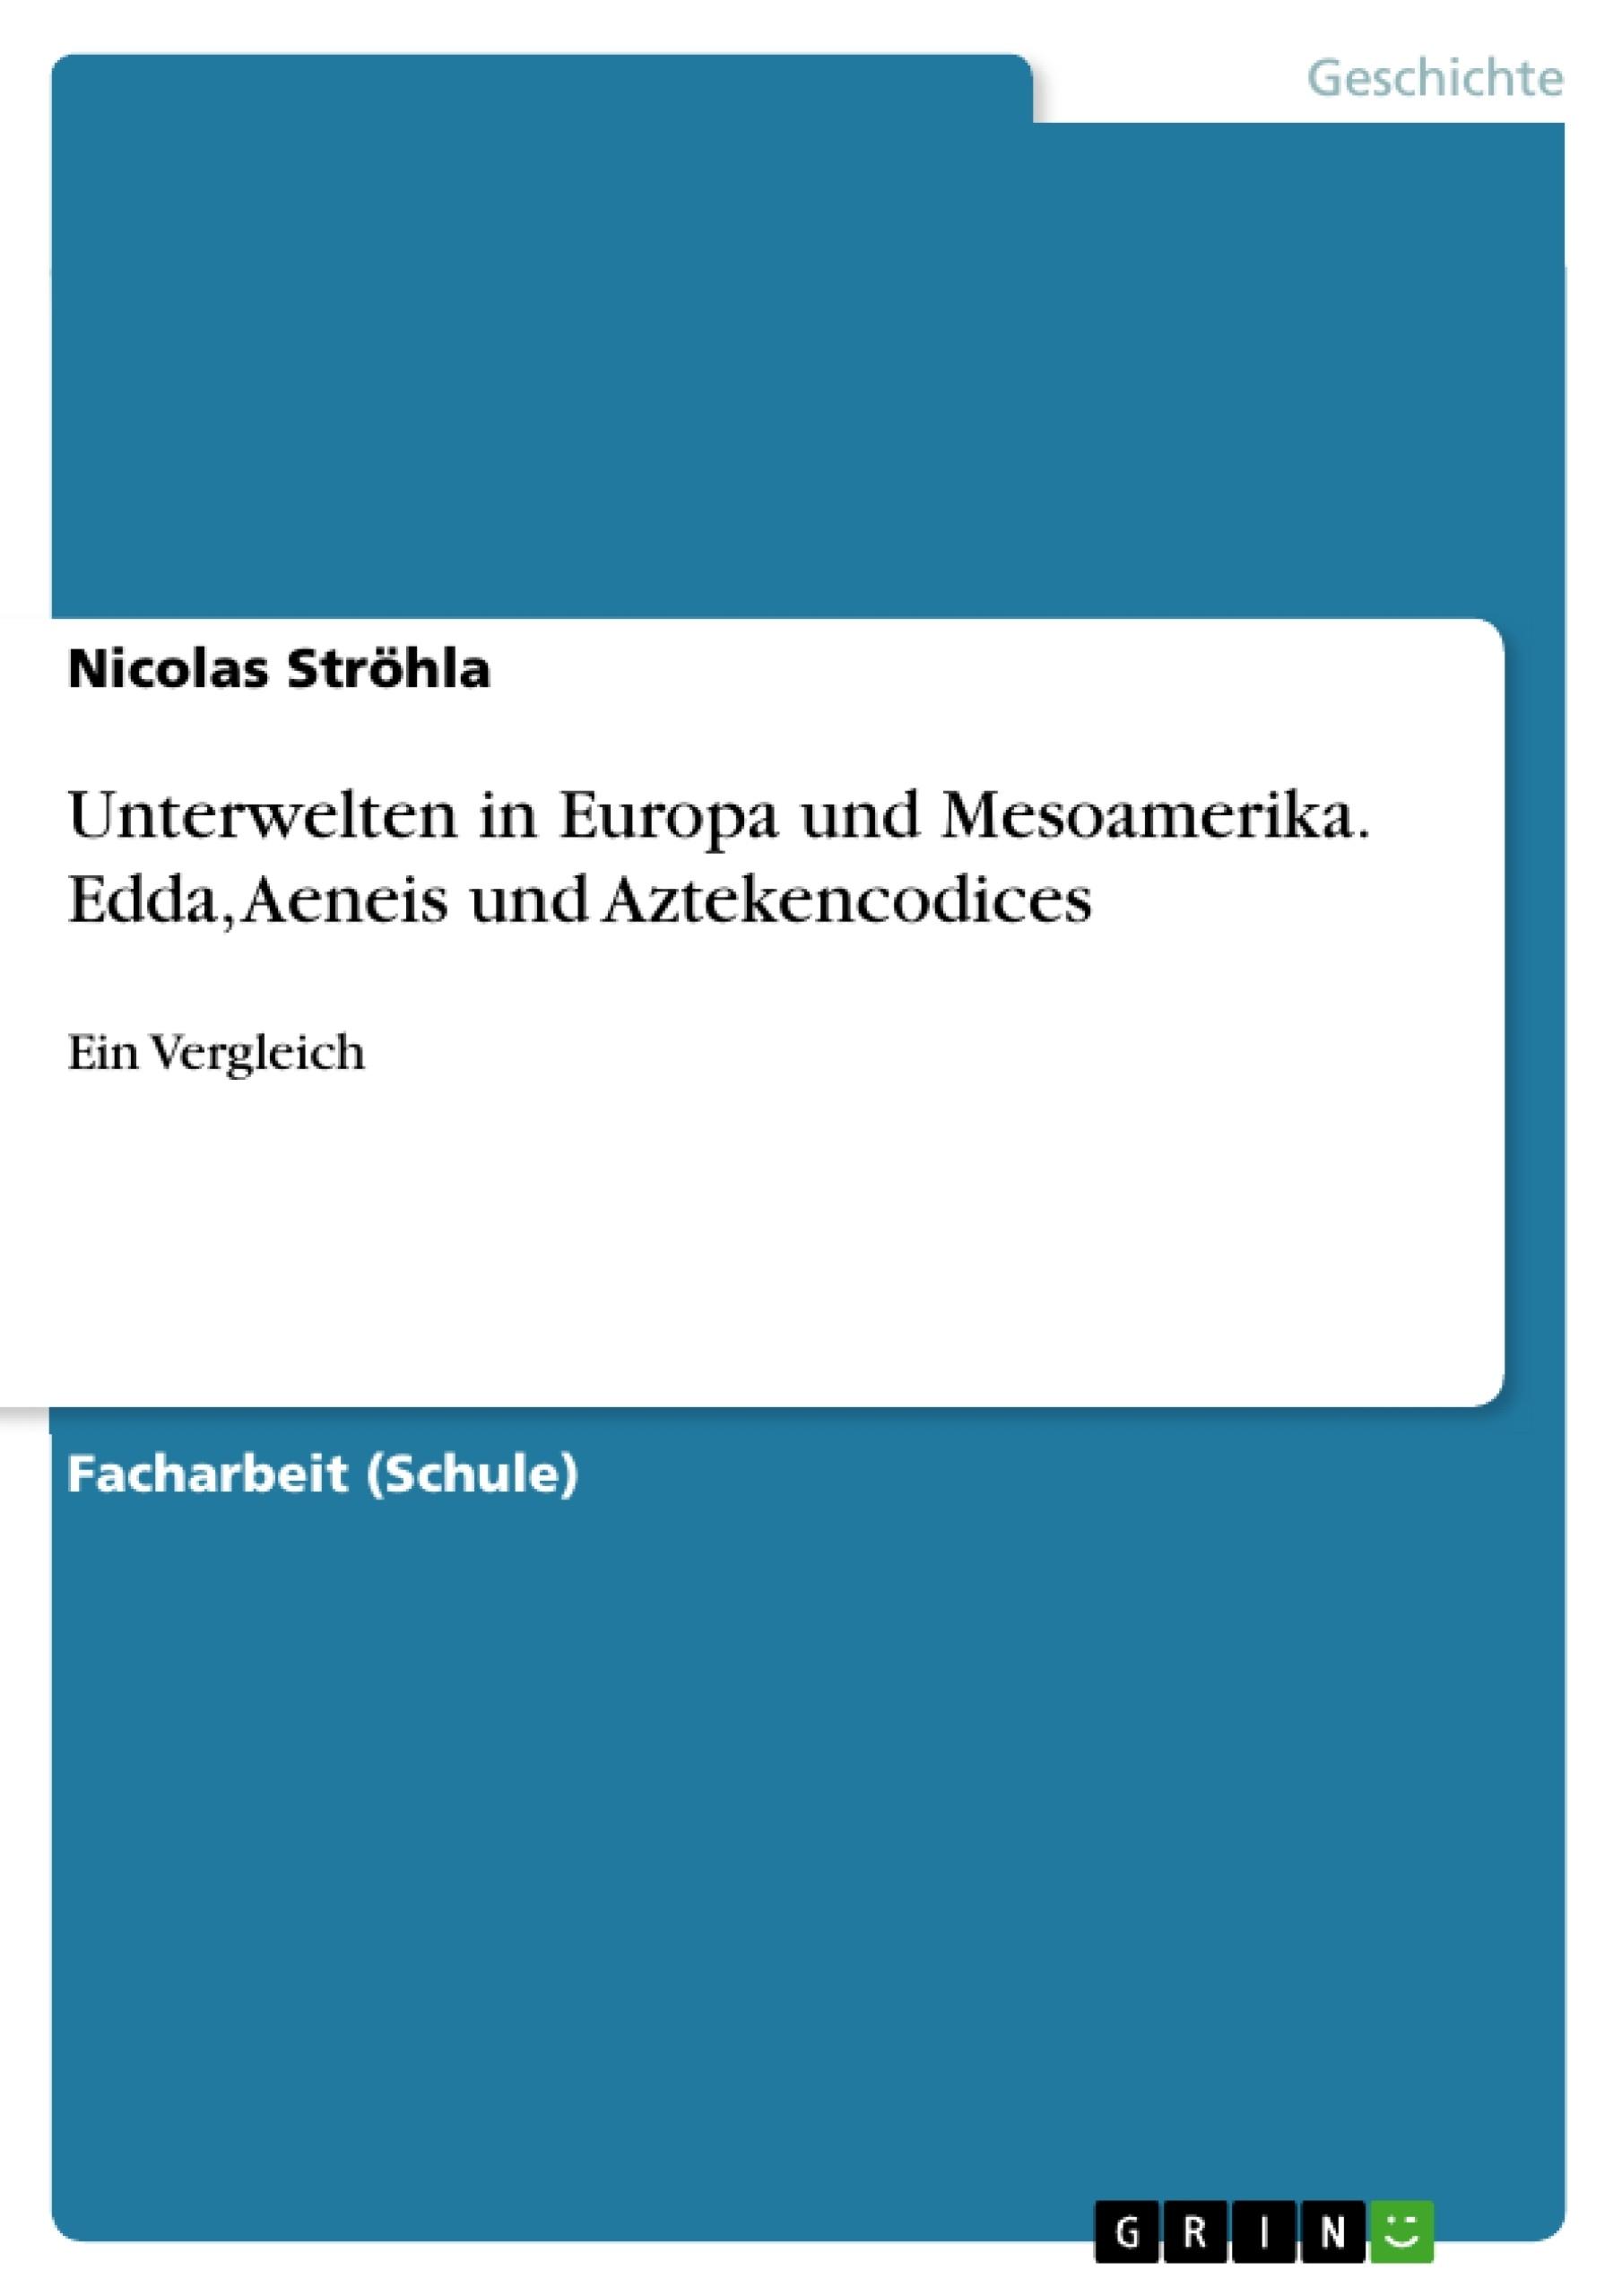 Titel: Unterwelten in Europa und Mesoamerika. Edda, Aeneis und Aztekencodices